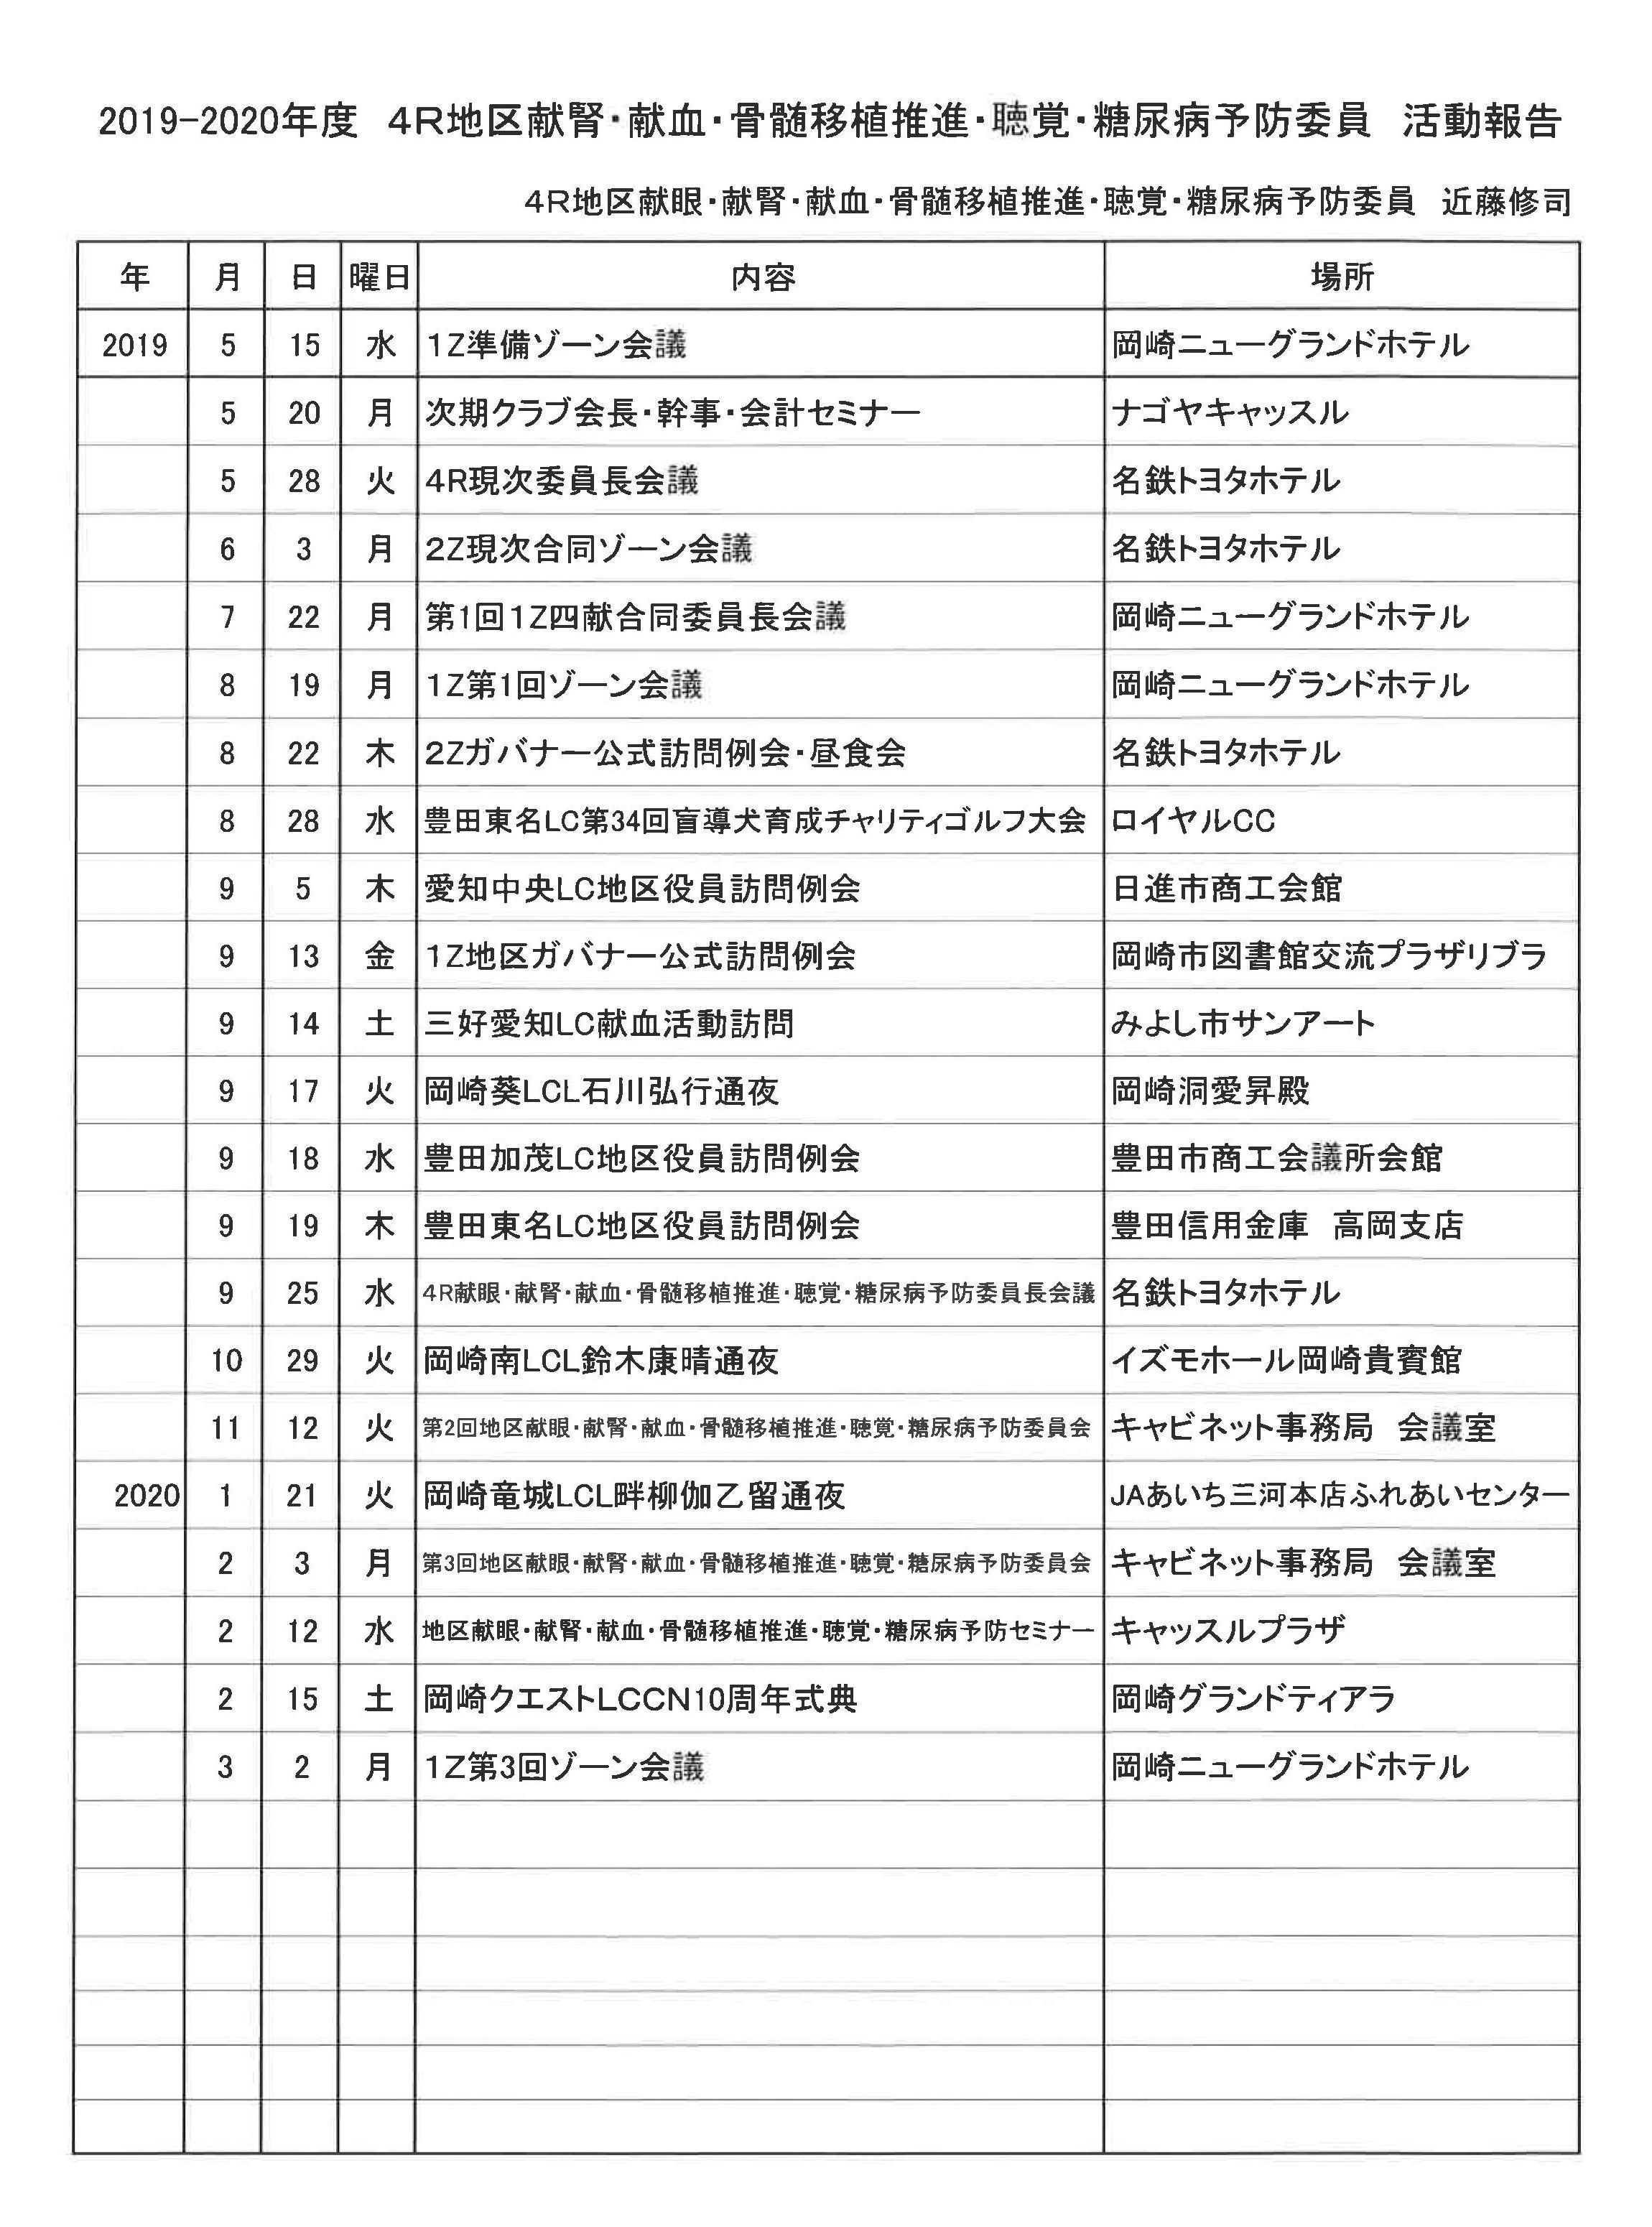 30 4R献眼・献腎・献血・骨髄移植推進・聴覚・糖尿病予防委員活動報告